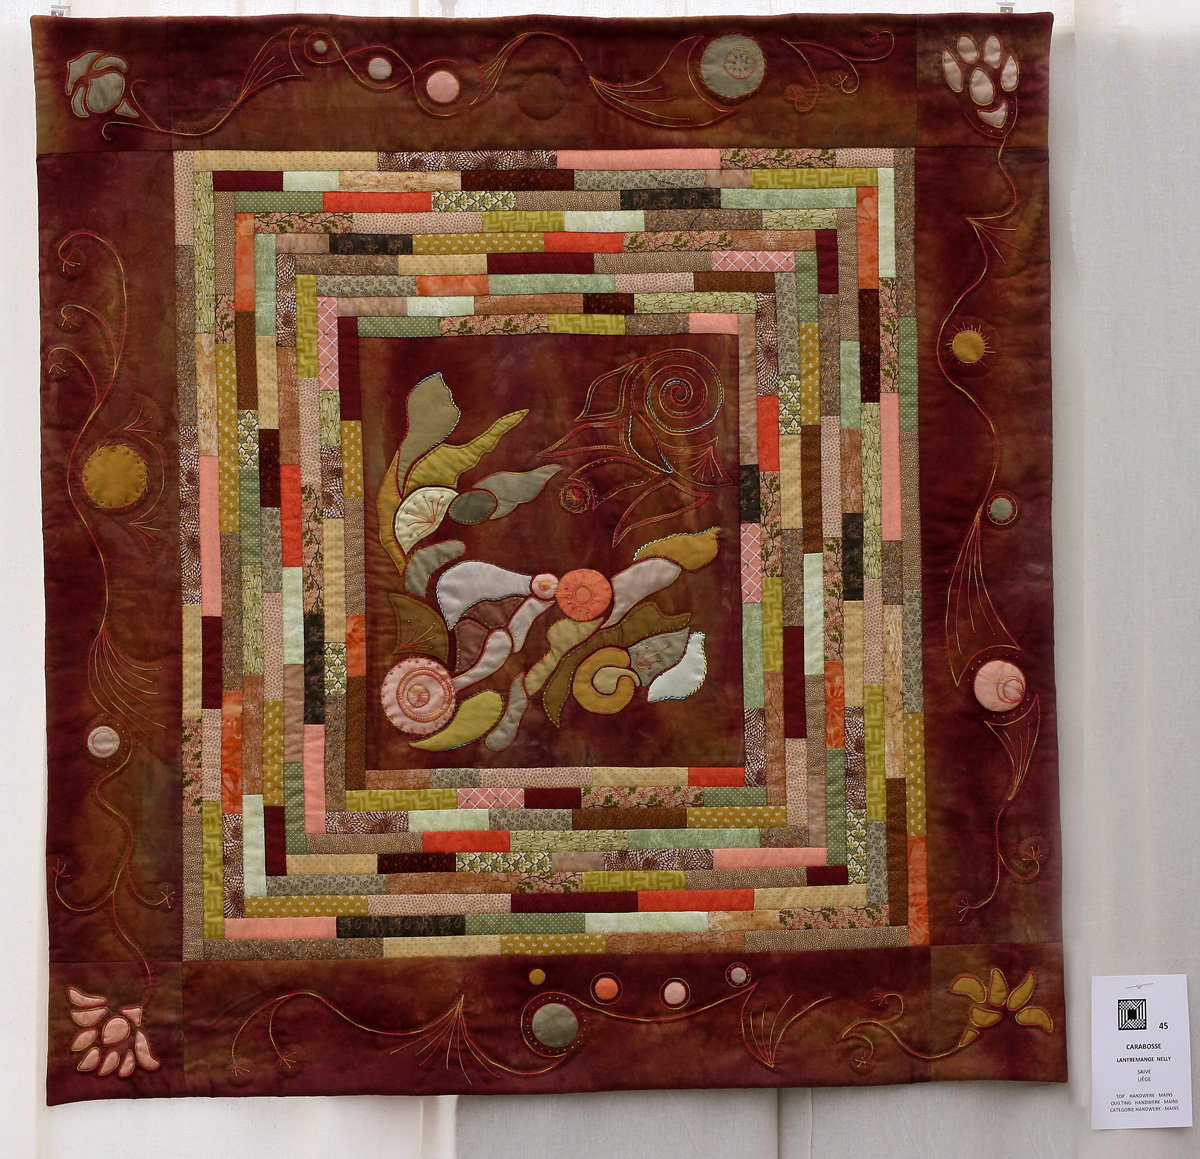 8    n°  45    81    Nelly Lantremange, Liège, Carabosse,  103 cm x 108 cm